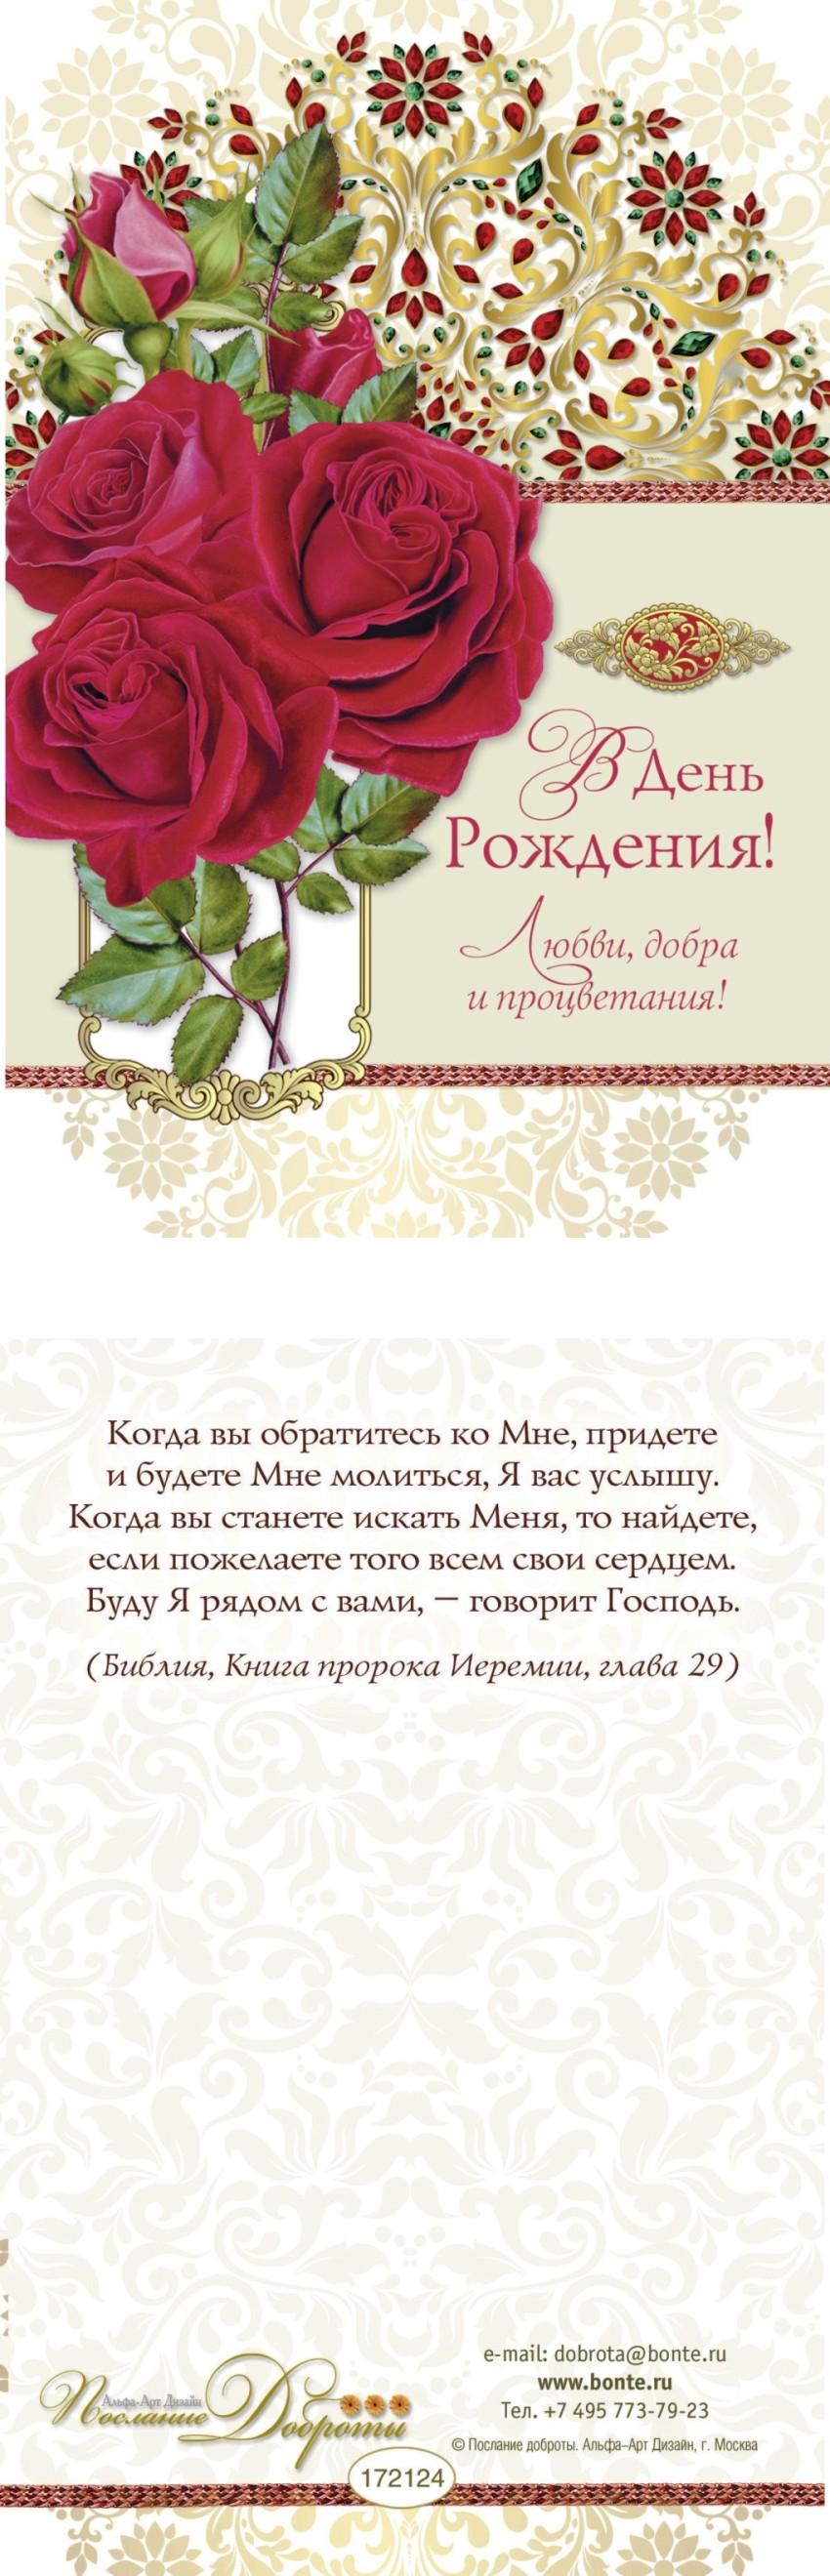 37 поздравлений с Днем Рождения на английском языке с переводом - Все ТОП10 57